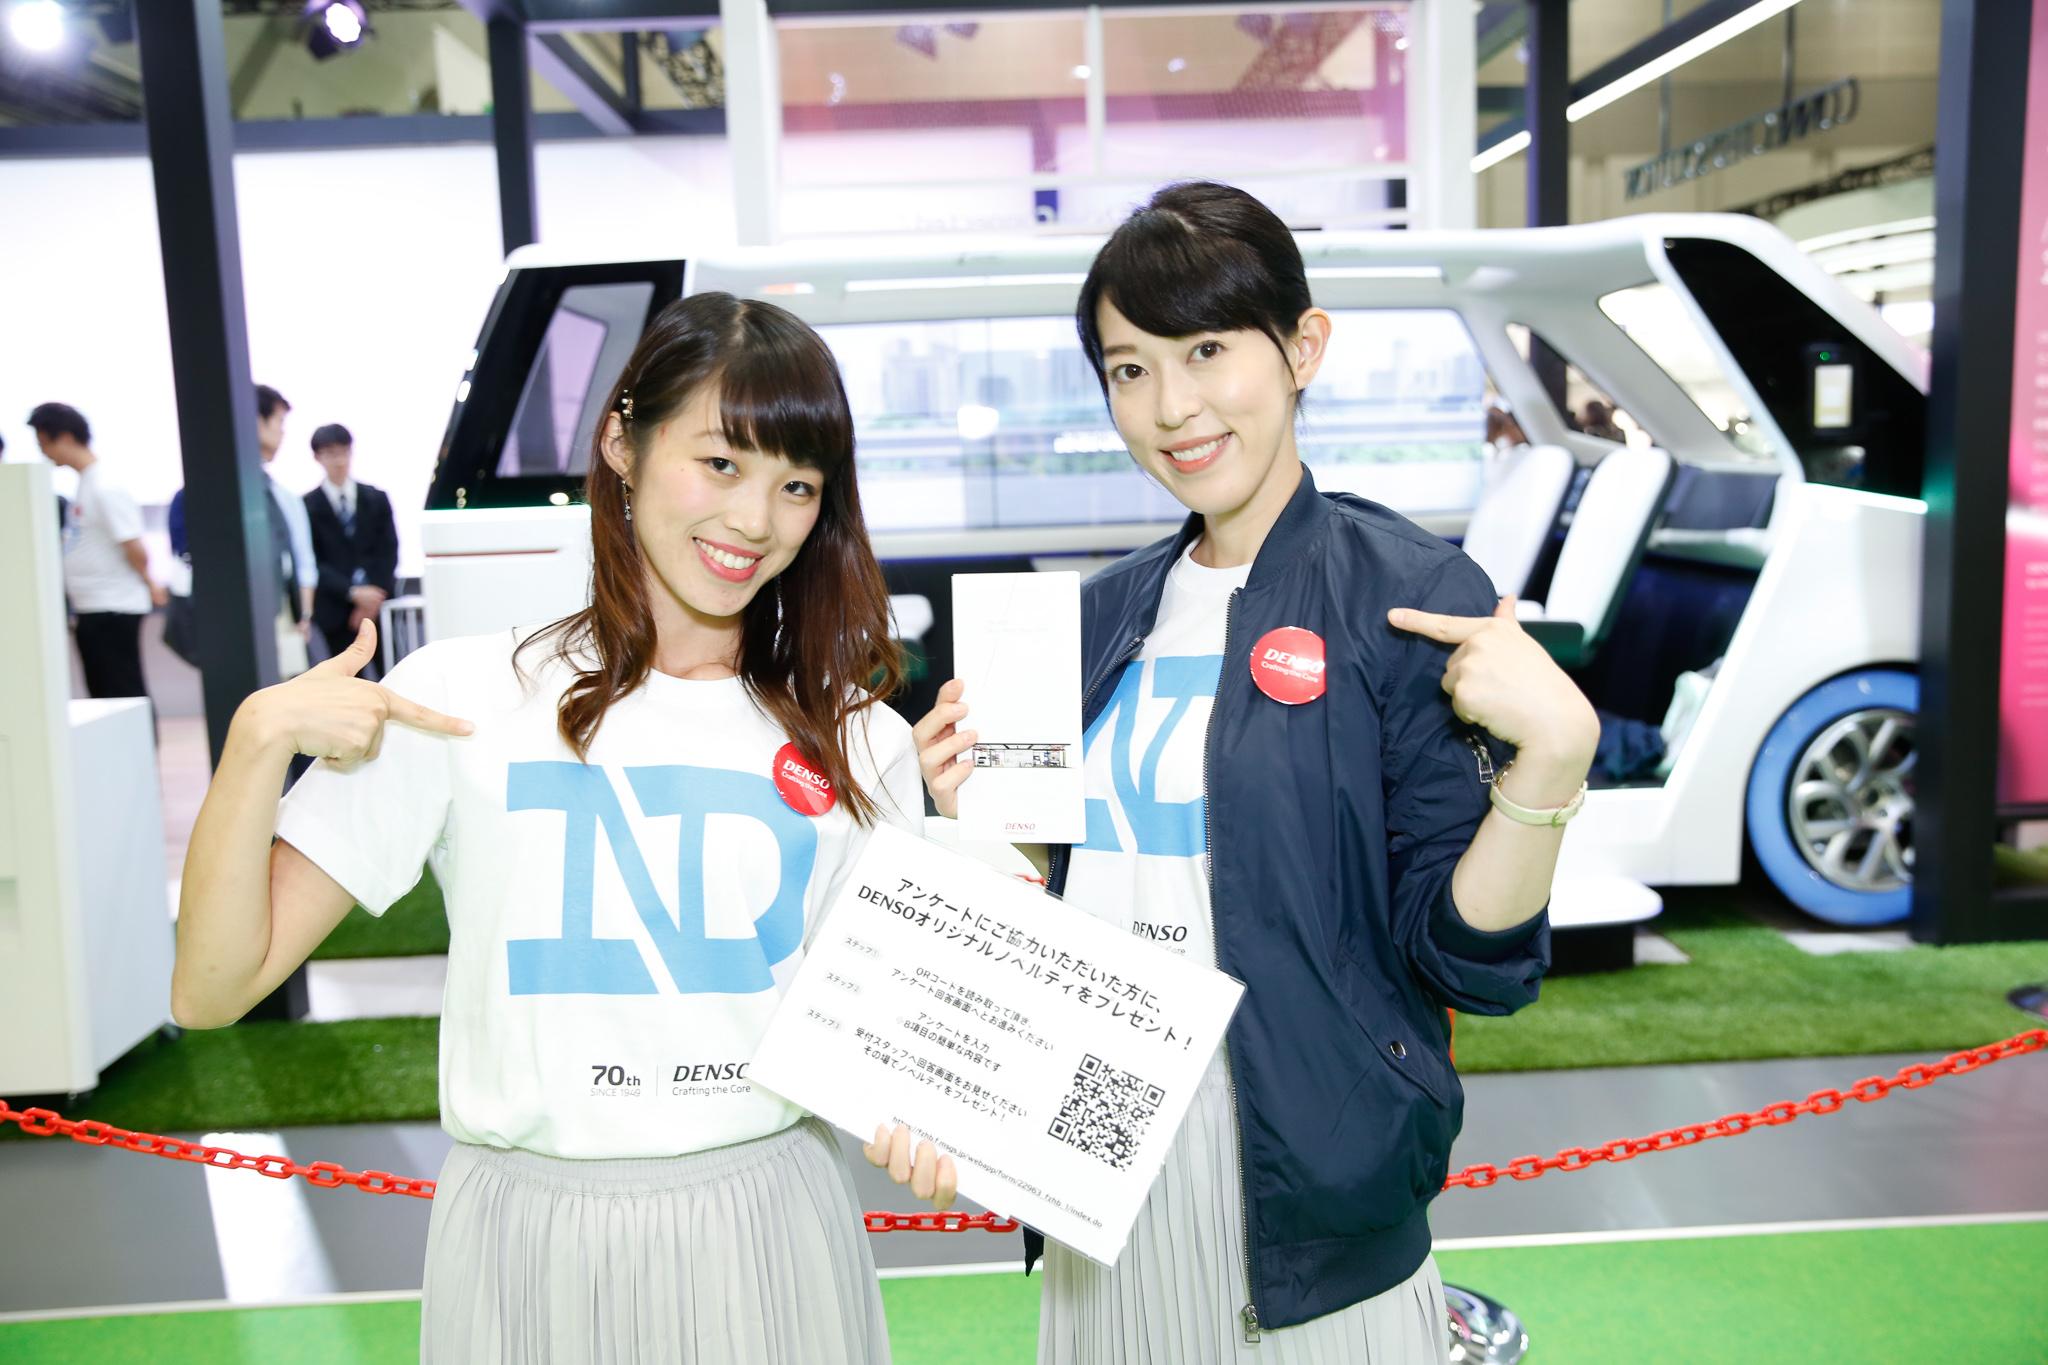 デンソークラフティングカフェ 東京モーターショー2019 コンパニオン